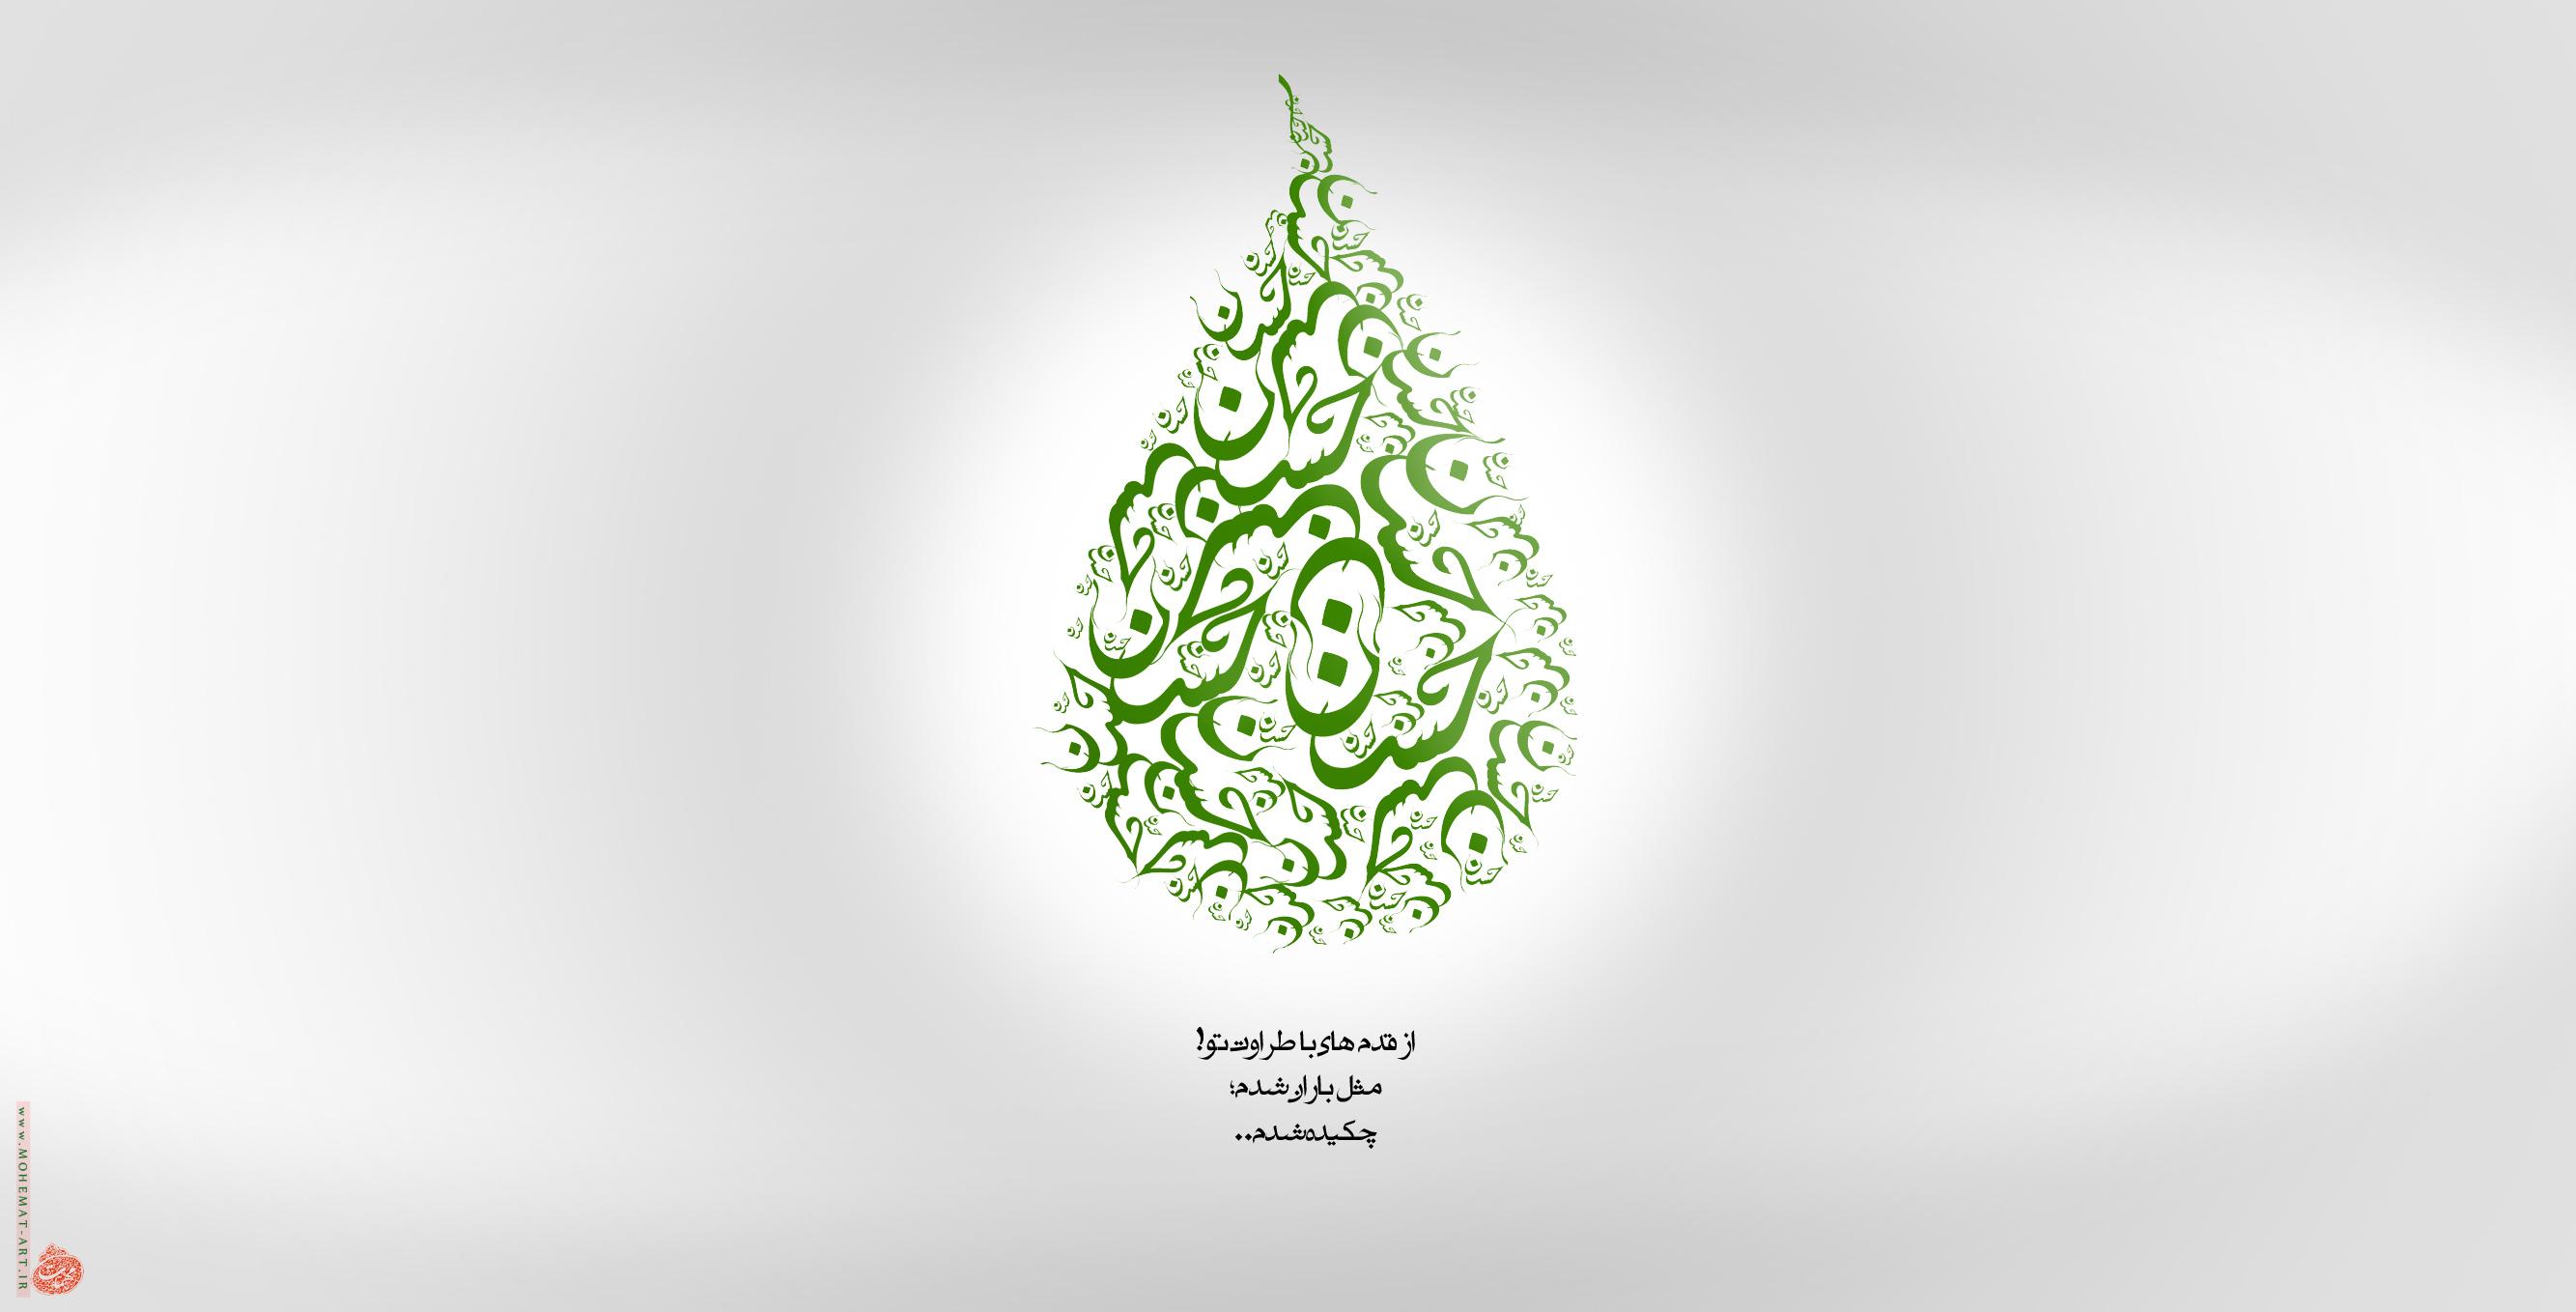 Imam_Hassan_BY_Mohemat-artIR